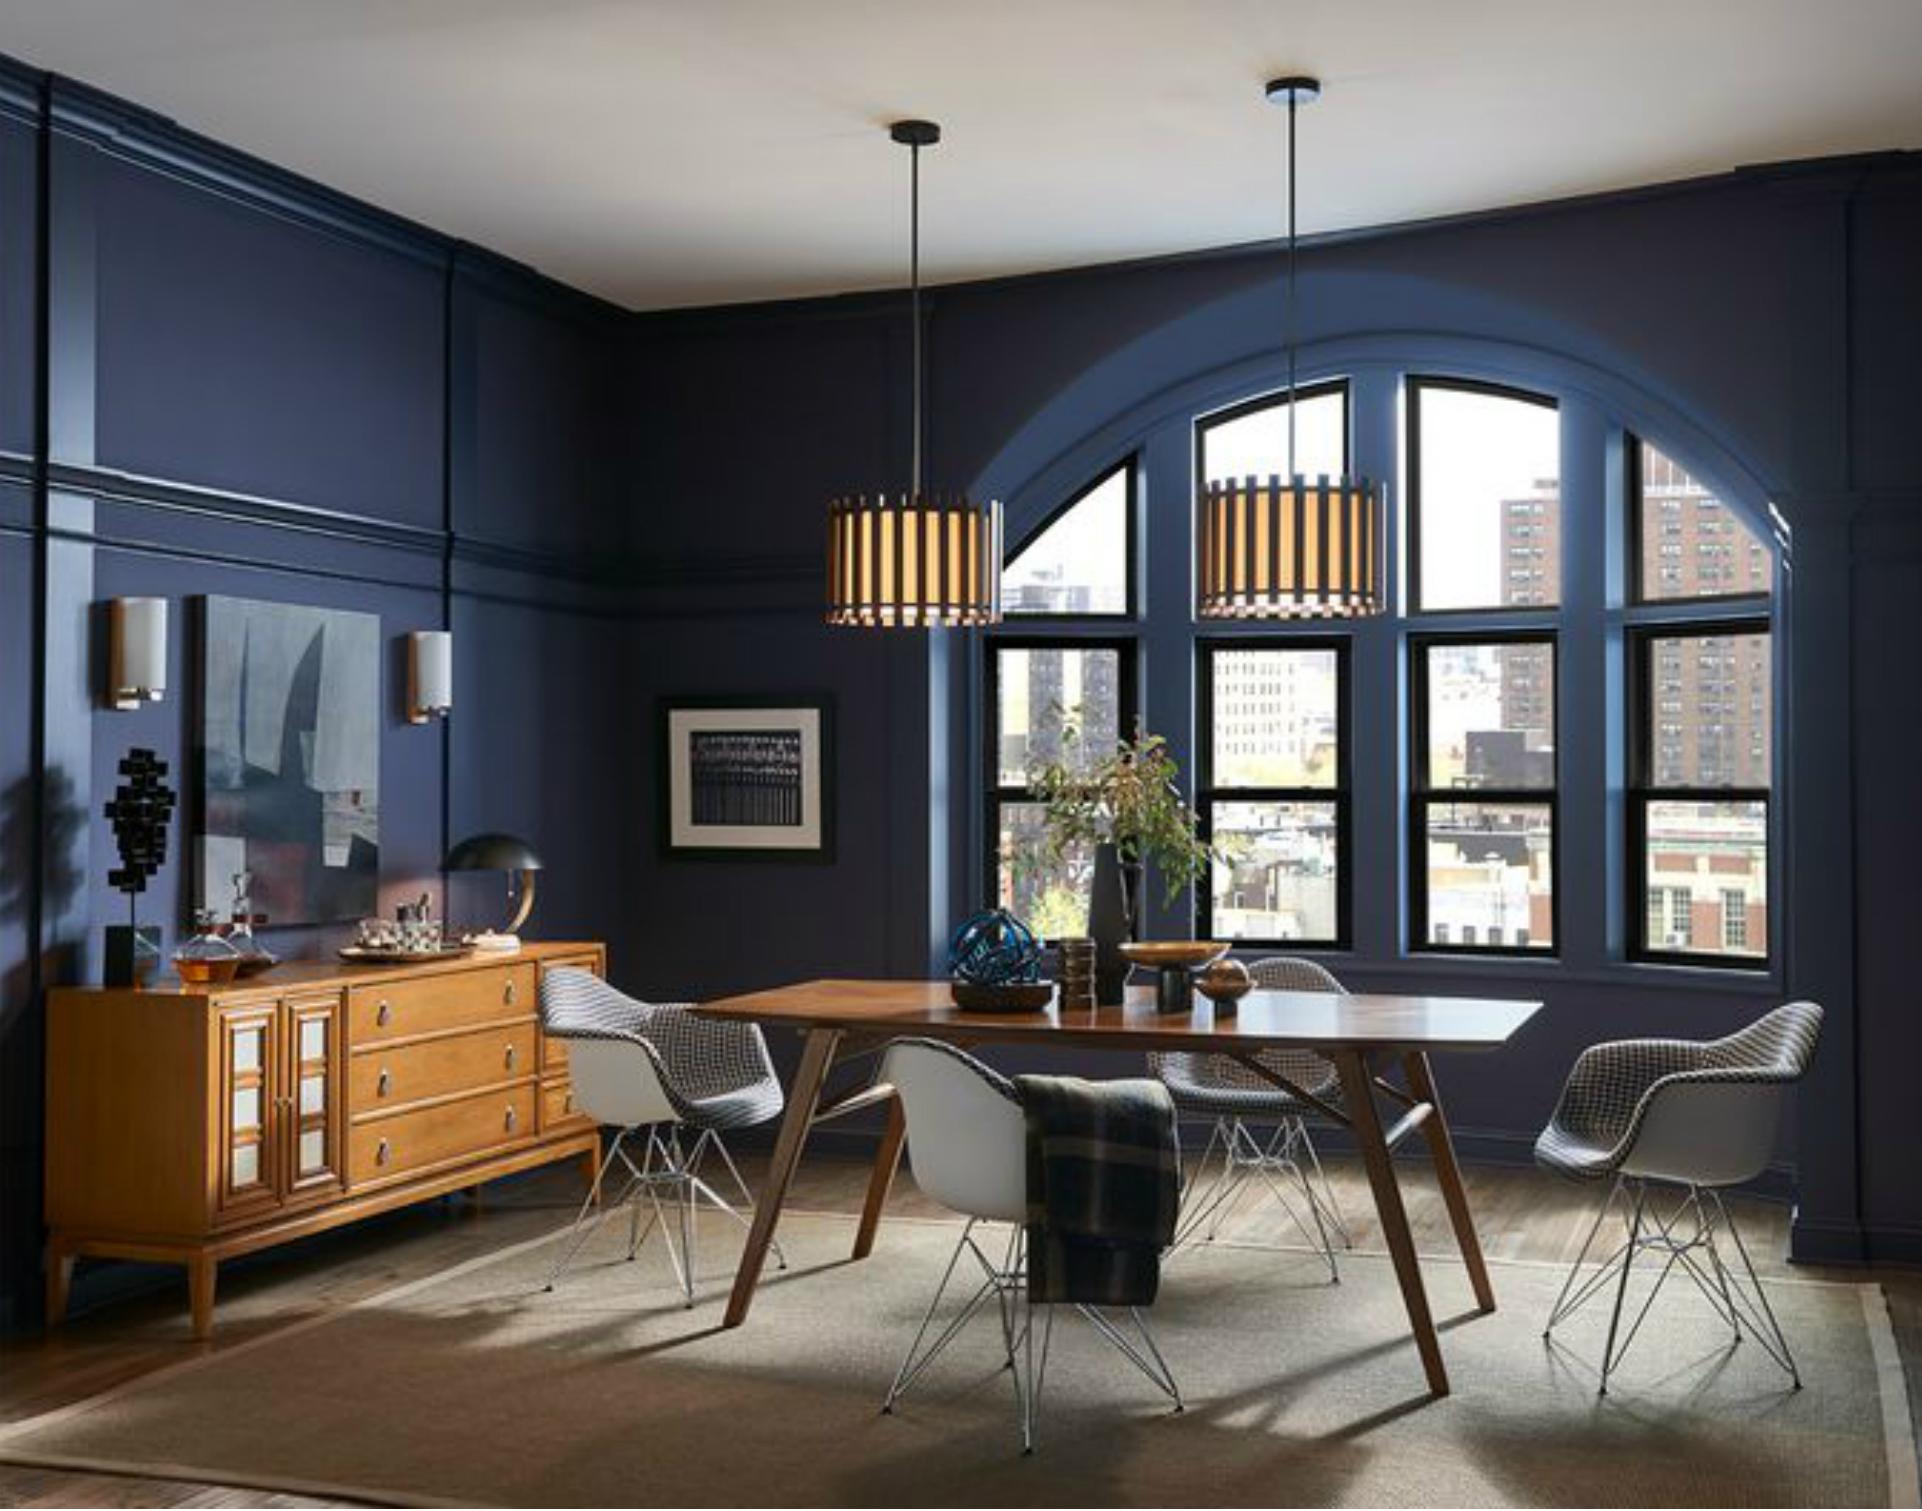 Modern dining room design 2019 color trends - Home design trends 2019 ...